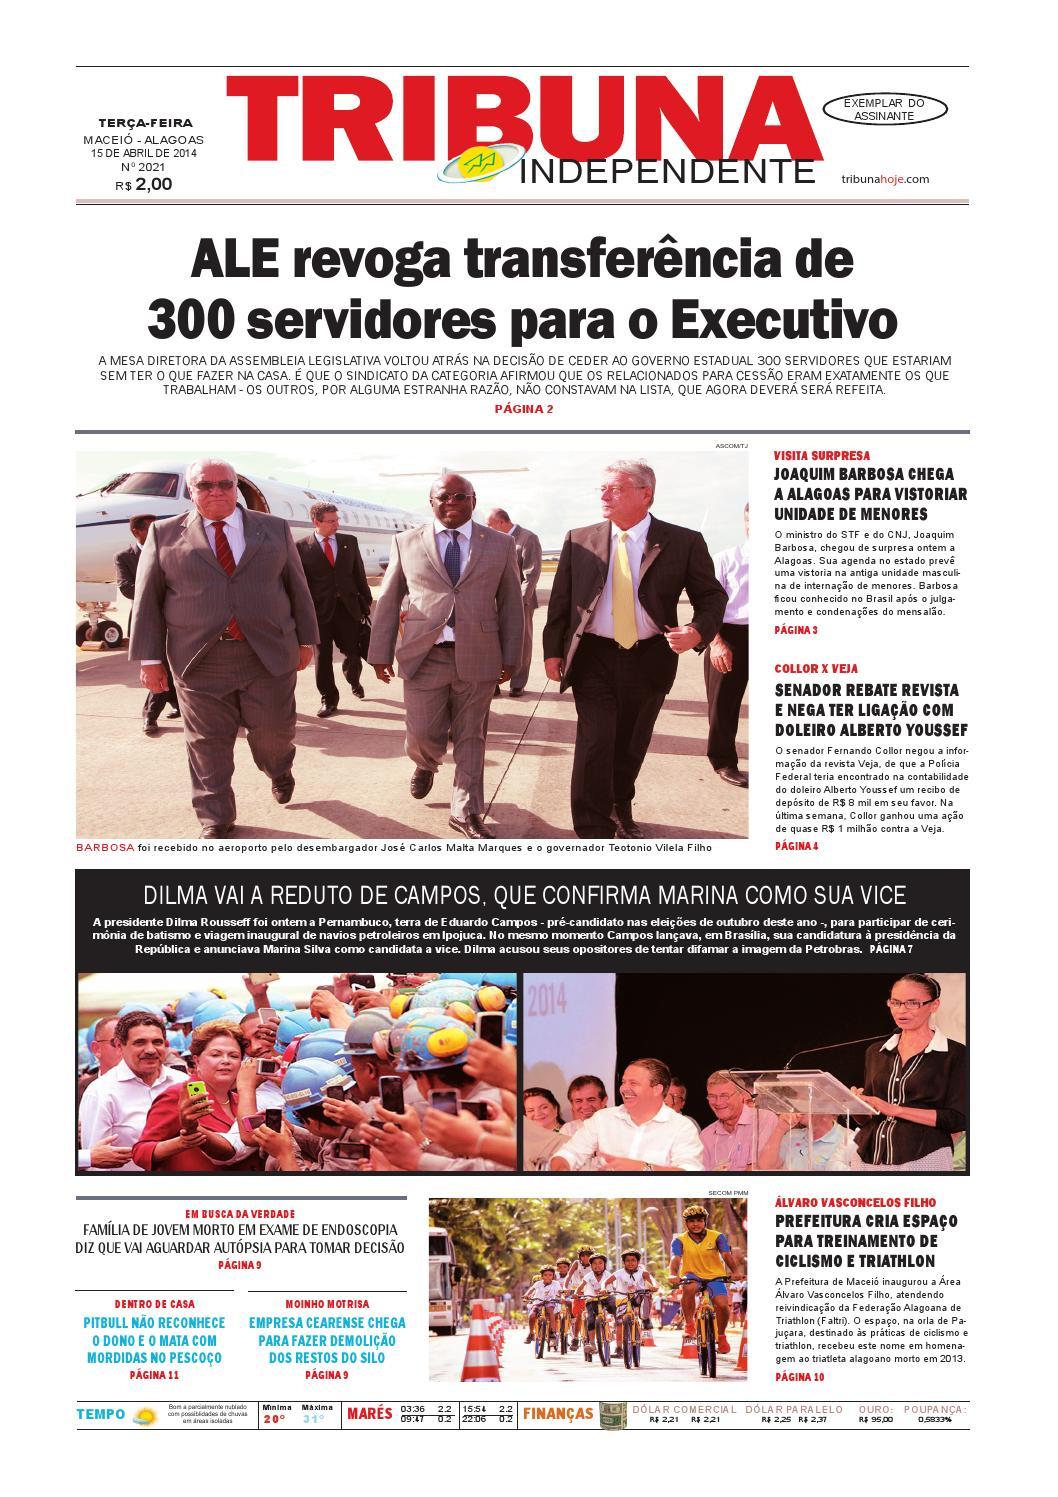 d3563e685 Edição número 2021 - 15 de abril de 2014 by Tribuna Hoje - issuu